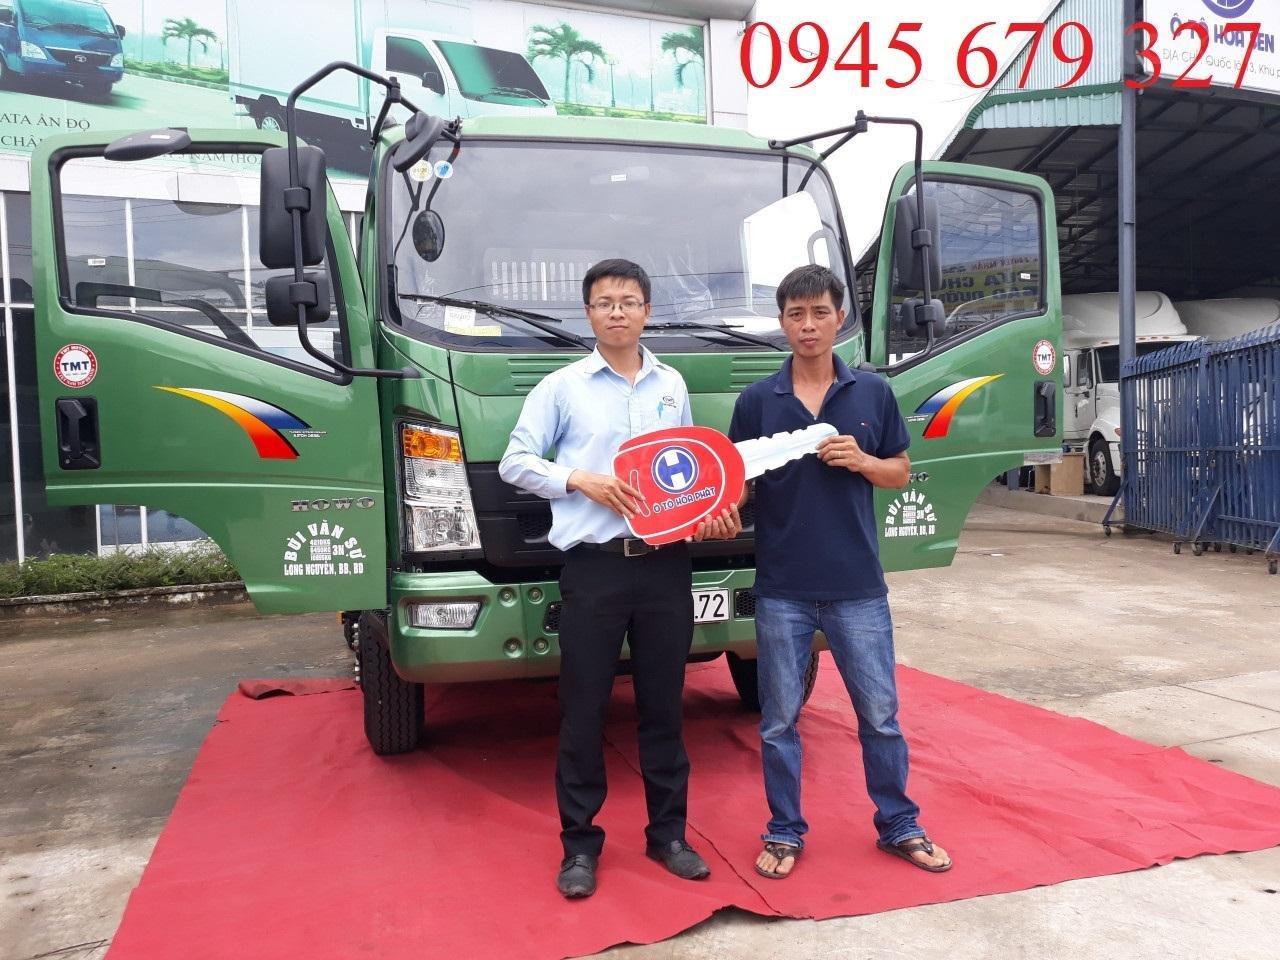 Bán xe ben Howo 6 tấn 5 ga cơ, trả góp giá rẻ (1)